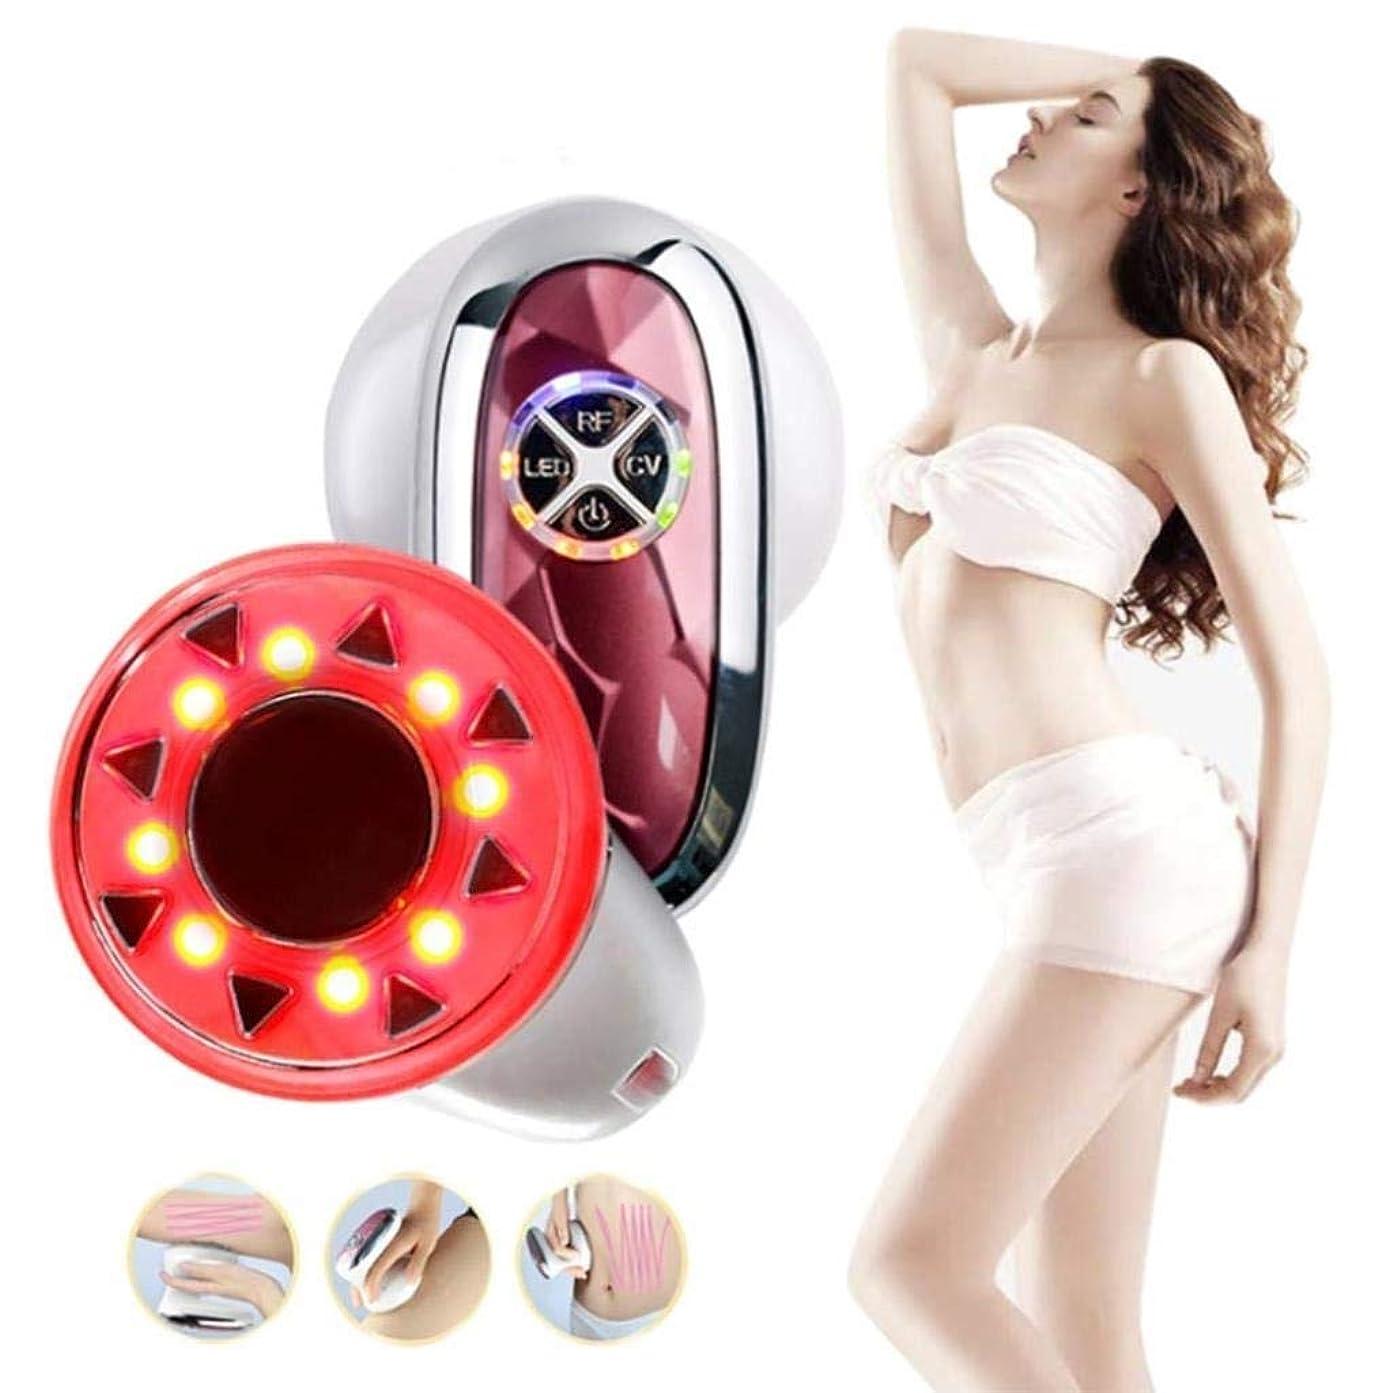 愛されし者誠意指標電気減量機、4-1 - ラジオ周波数マッサージ器、体の腹部、腰、脚、お尻、ボディマッサージ器、スキンケア機器